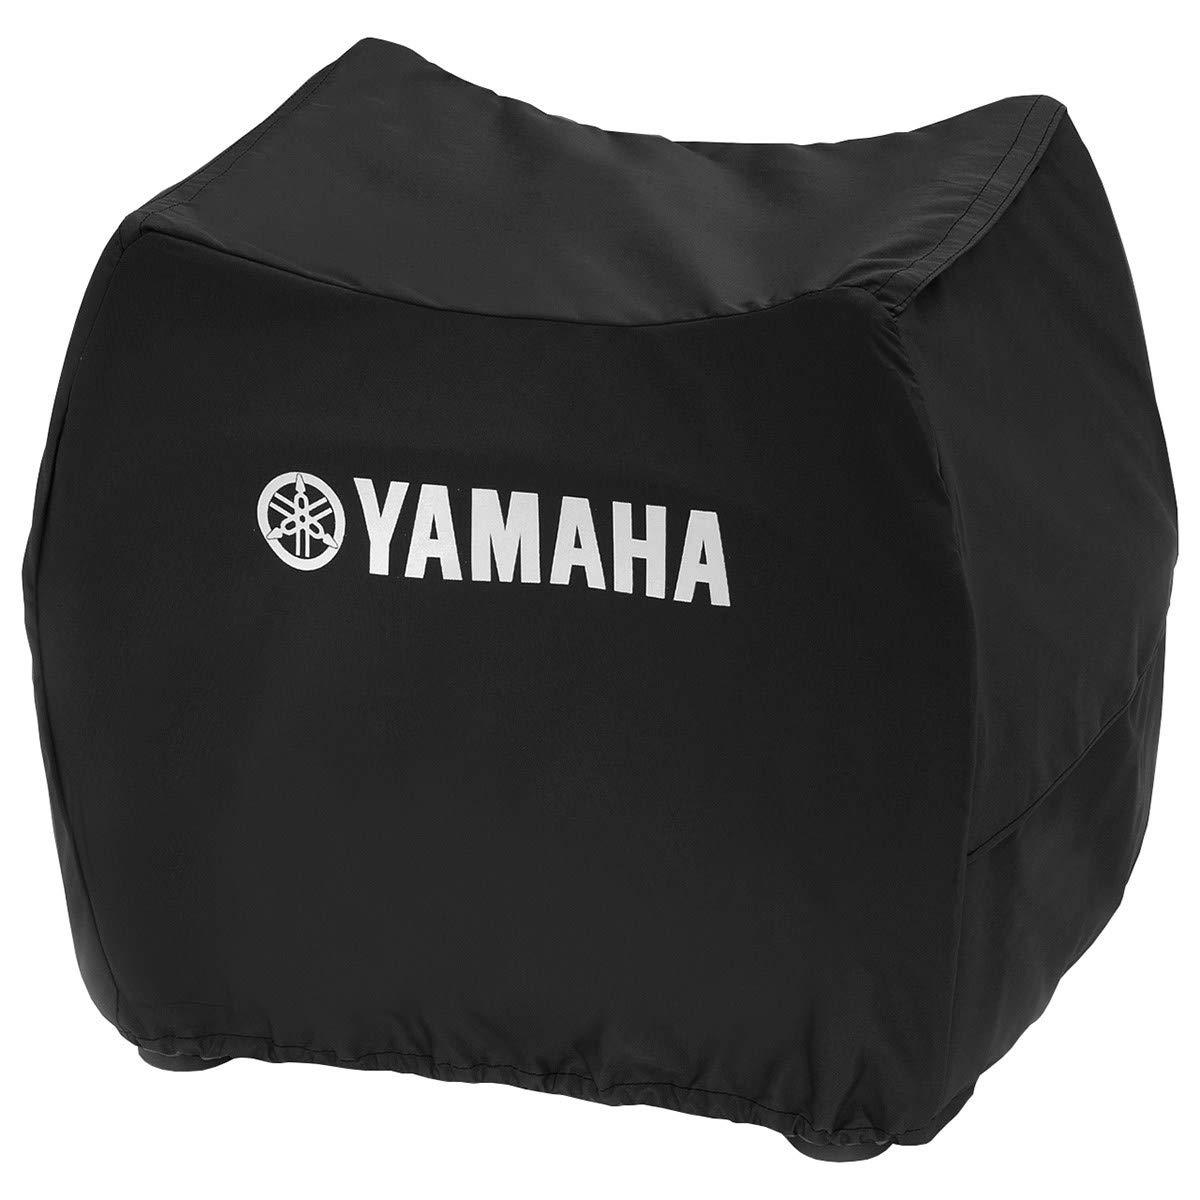 YAMAHA ACC-GNCVR-24-BK Generator Cover for Model EF2400iS, Black